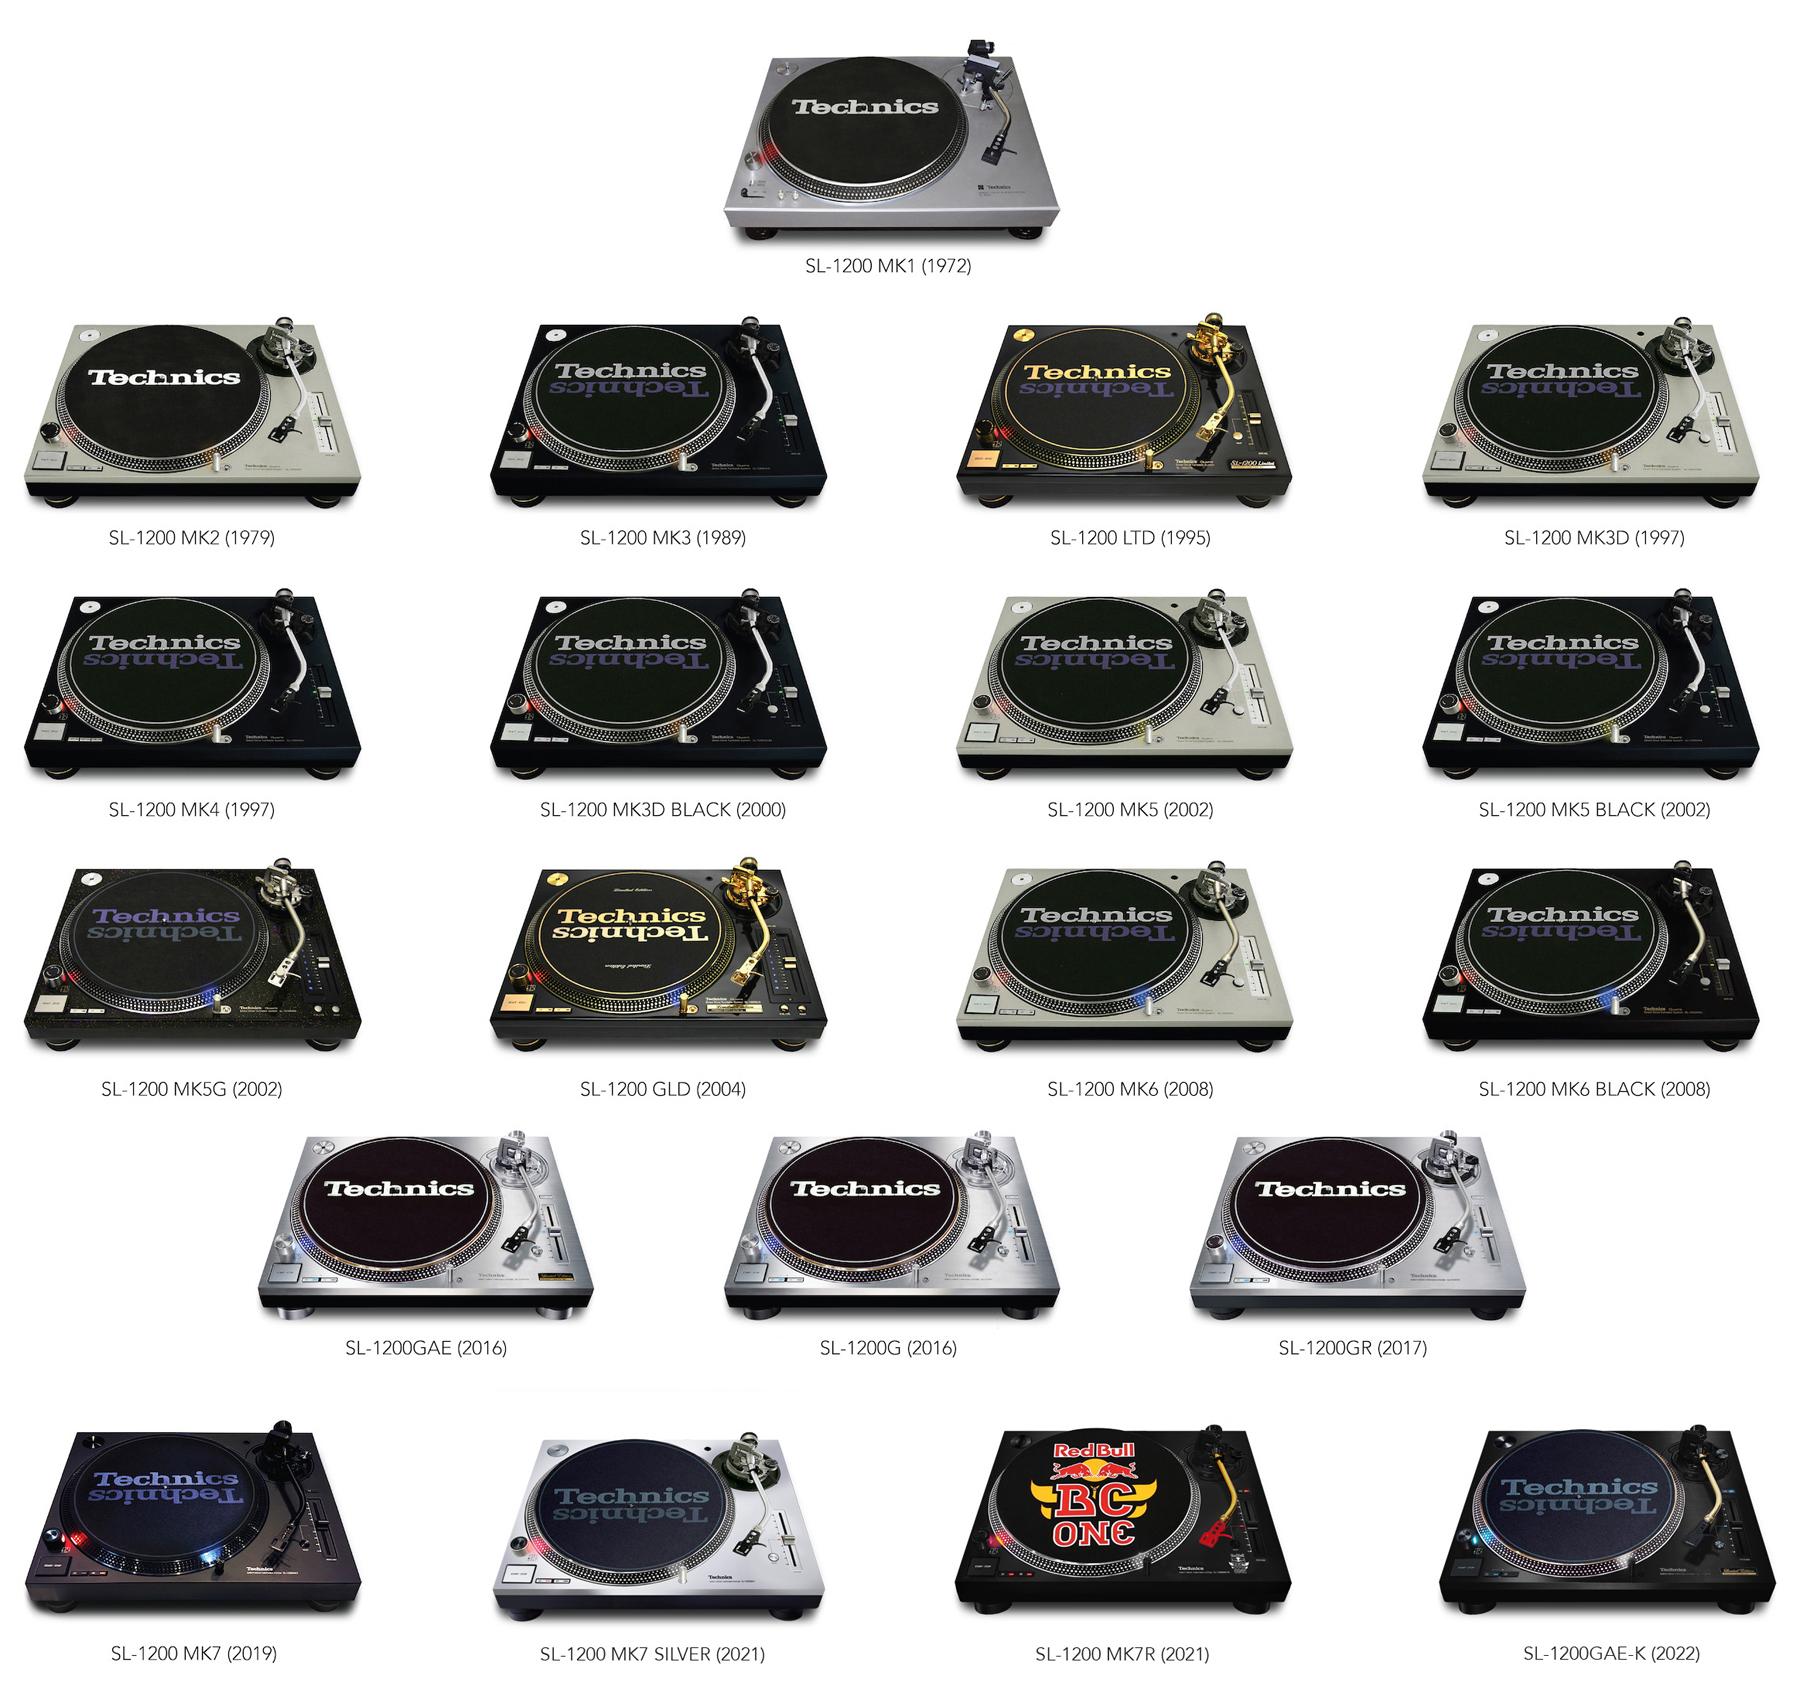 Technics SL-1200s Icons by Shing02 + DJ $hin